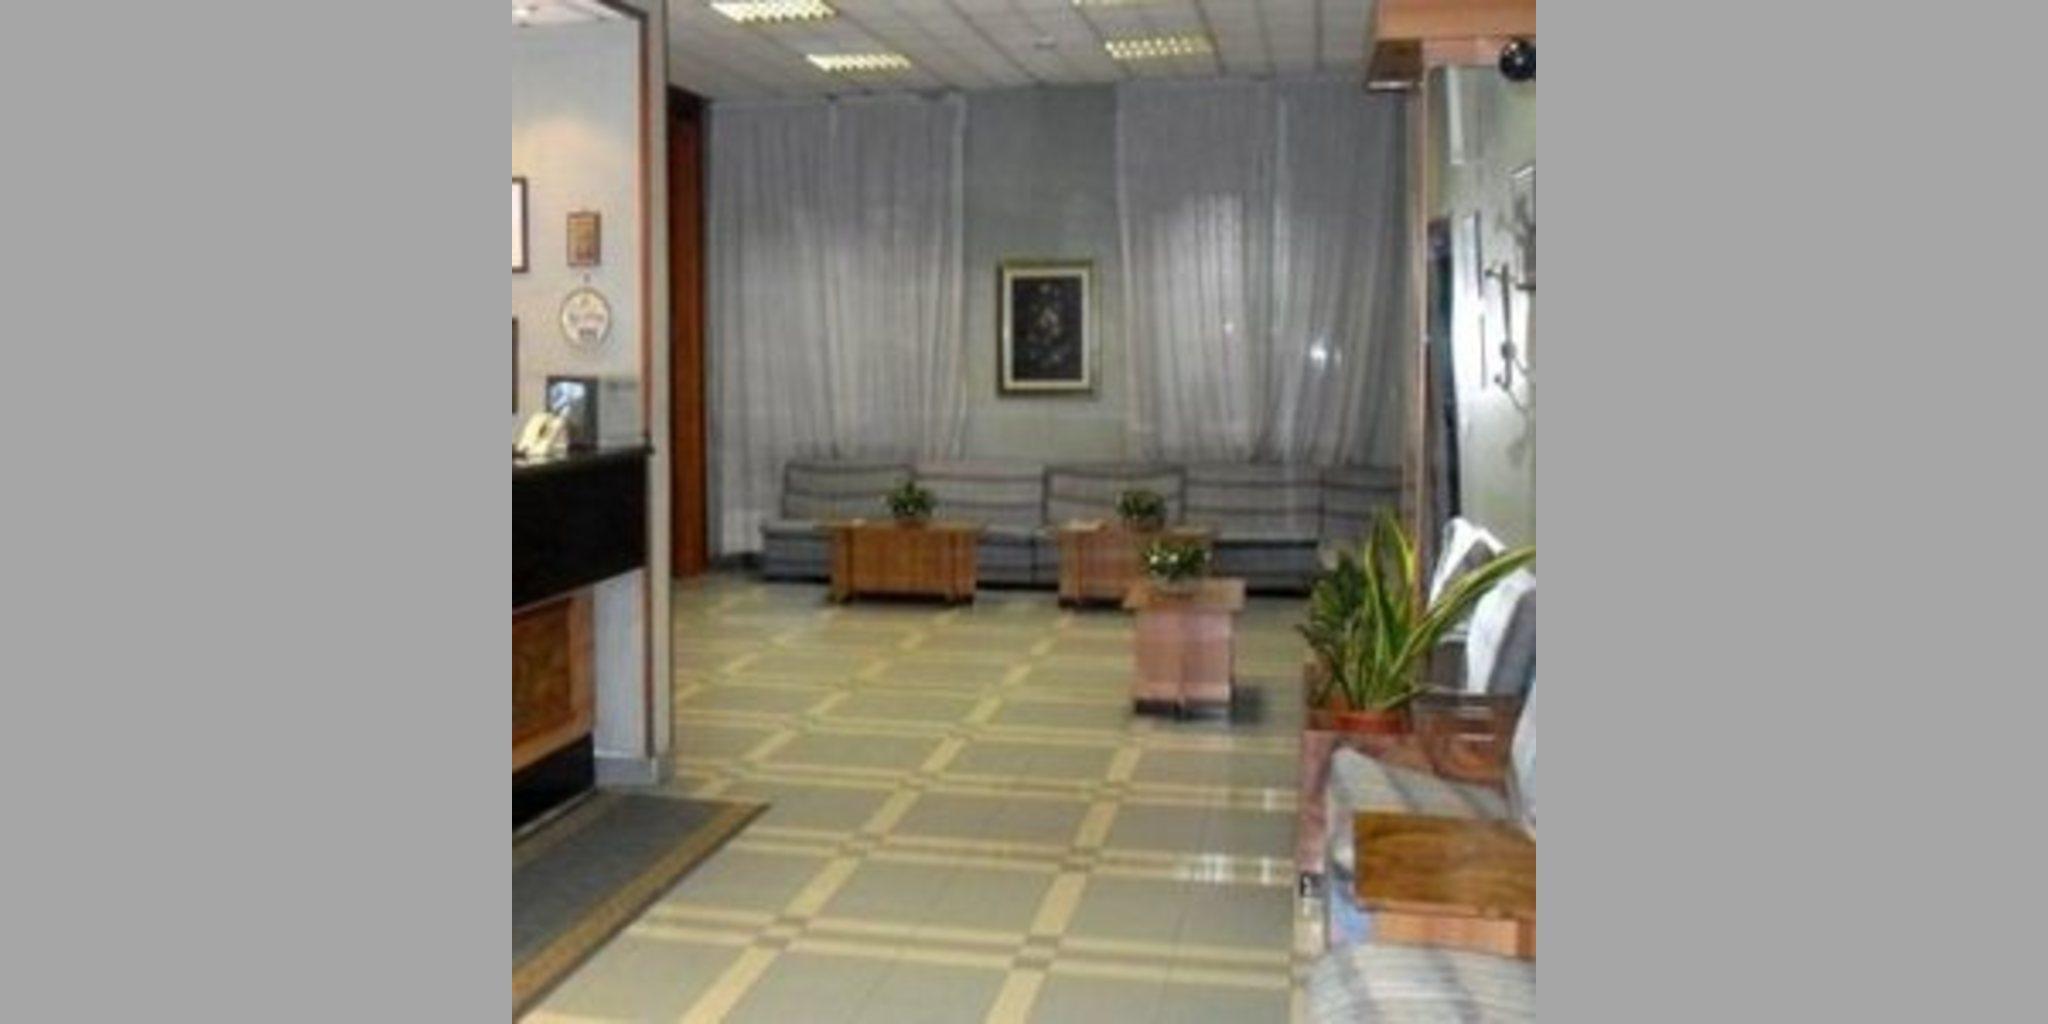 Hotel Pozzuoli - Arco Felice